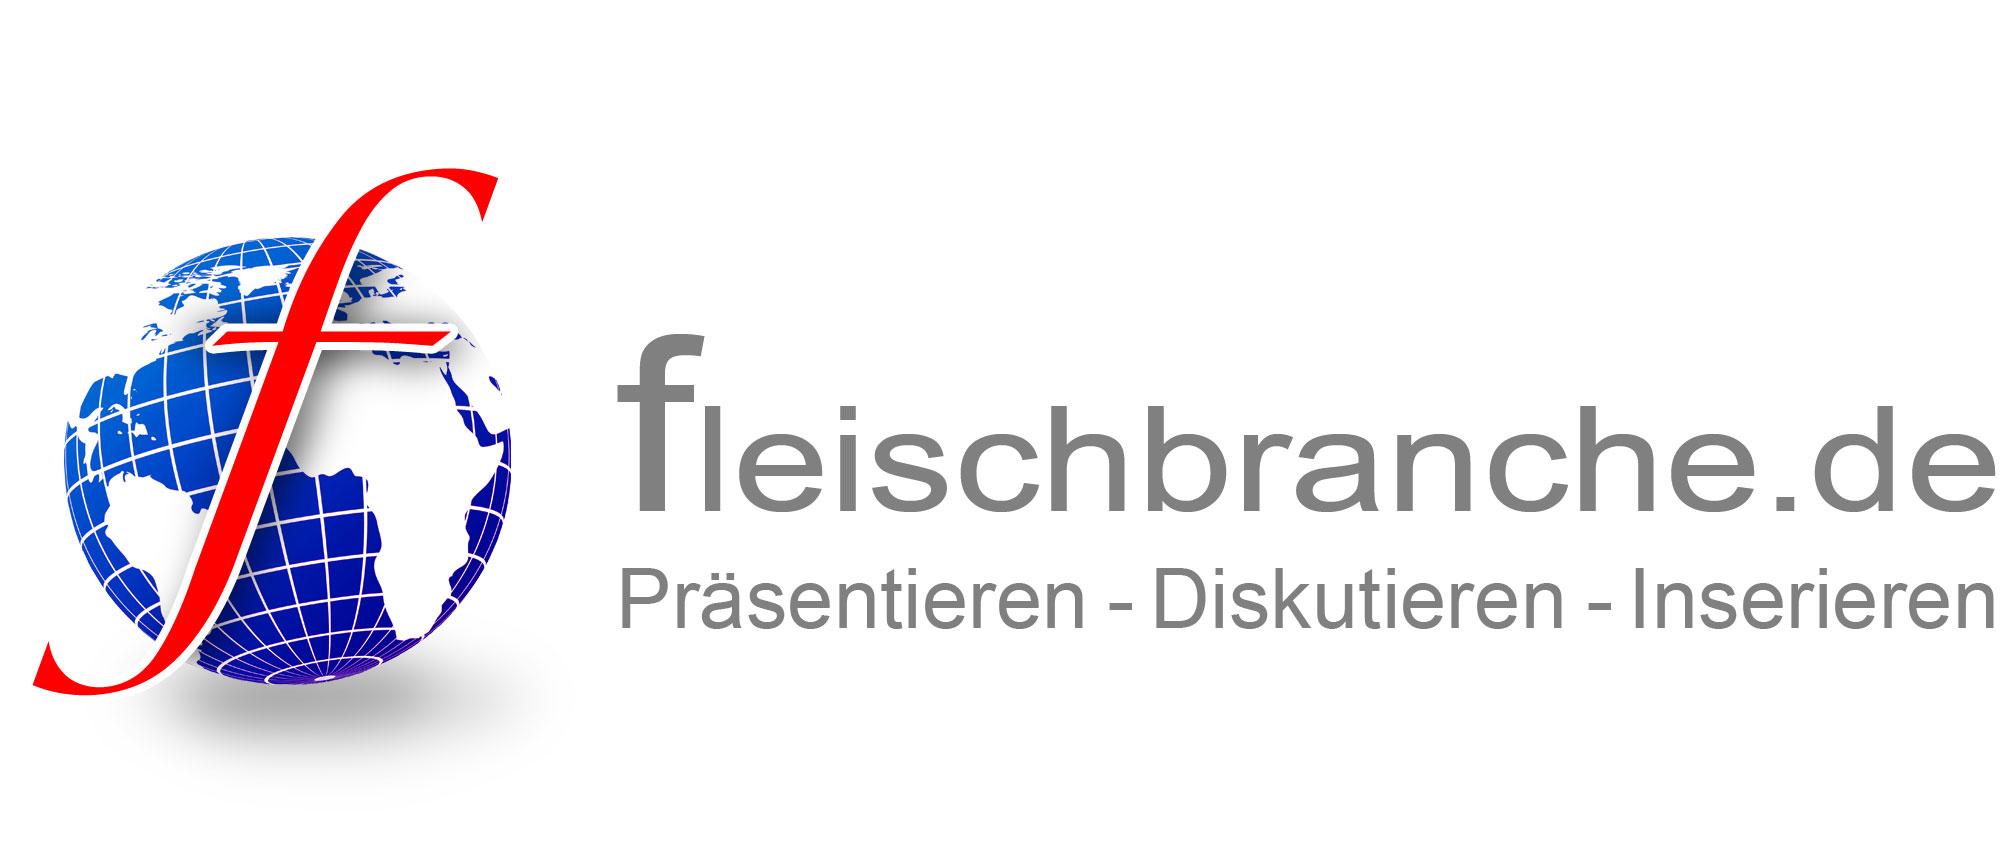 Fleischbranche.de - Logo für die Rückverlinkung auf Ihrer Webseite